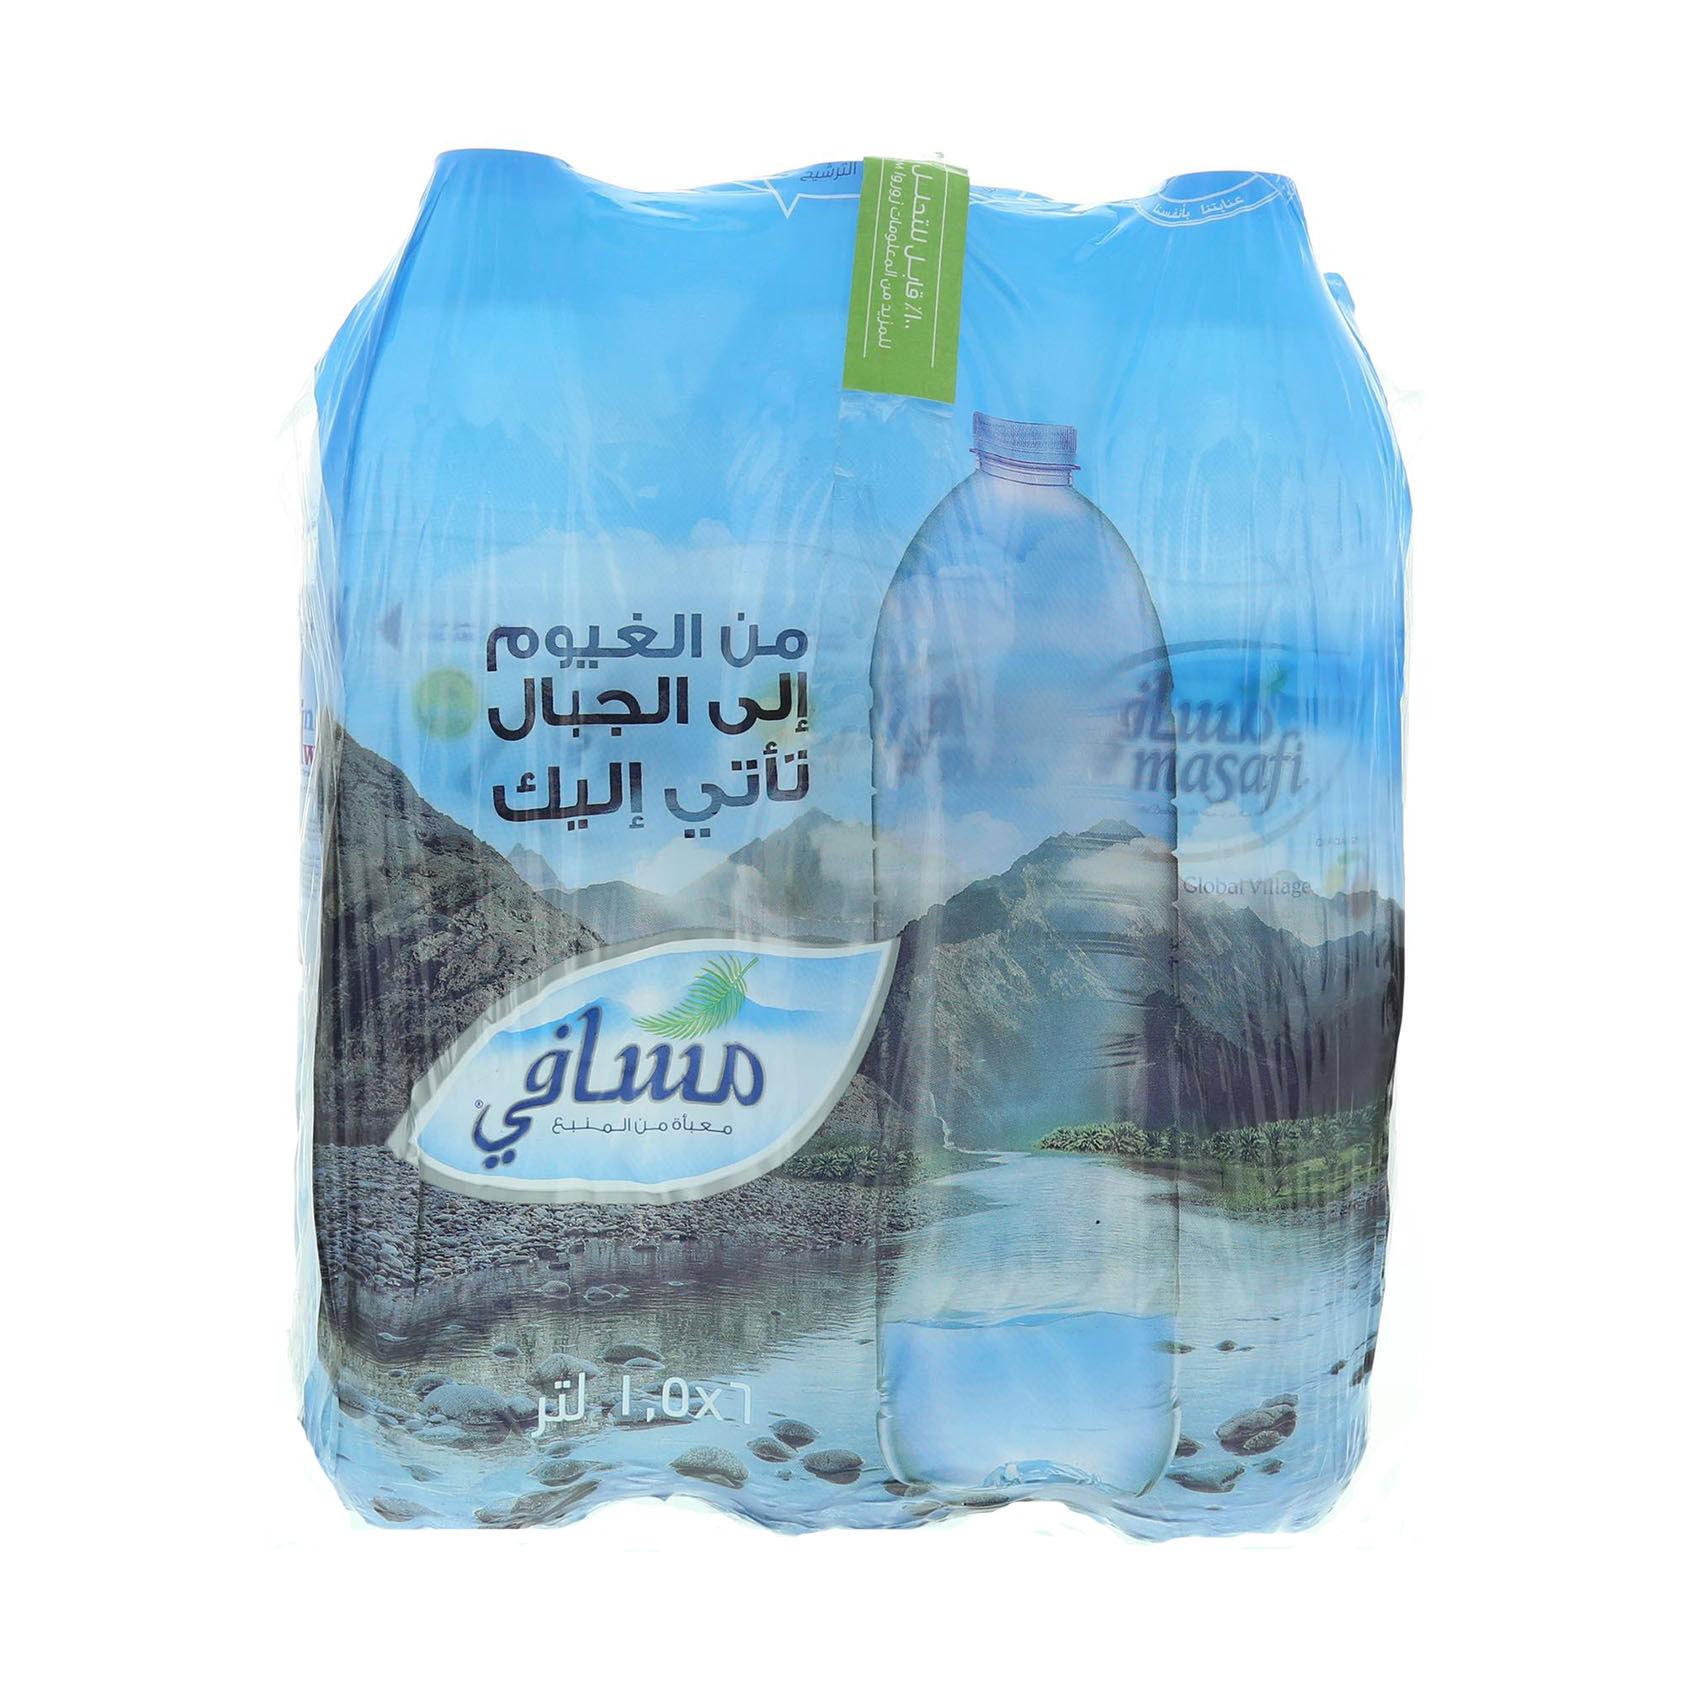 MASAFI MINERAL WATER 1.5LX6